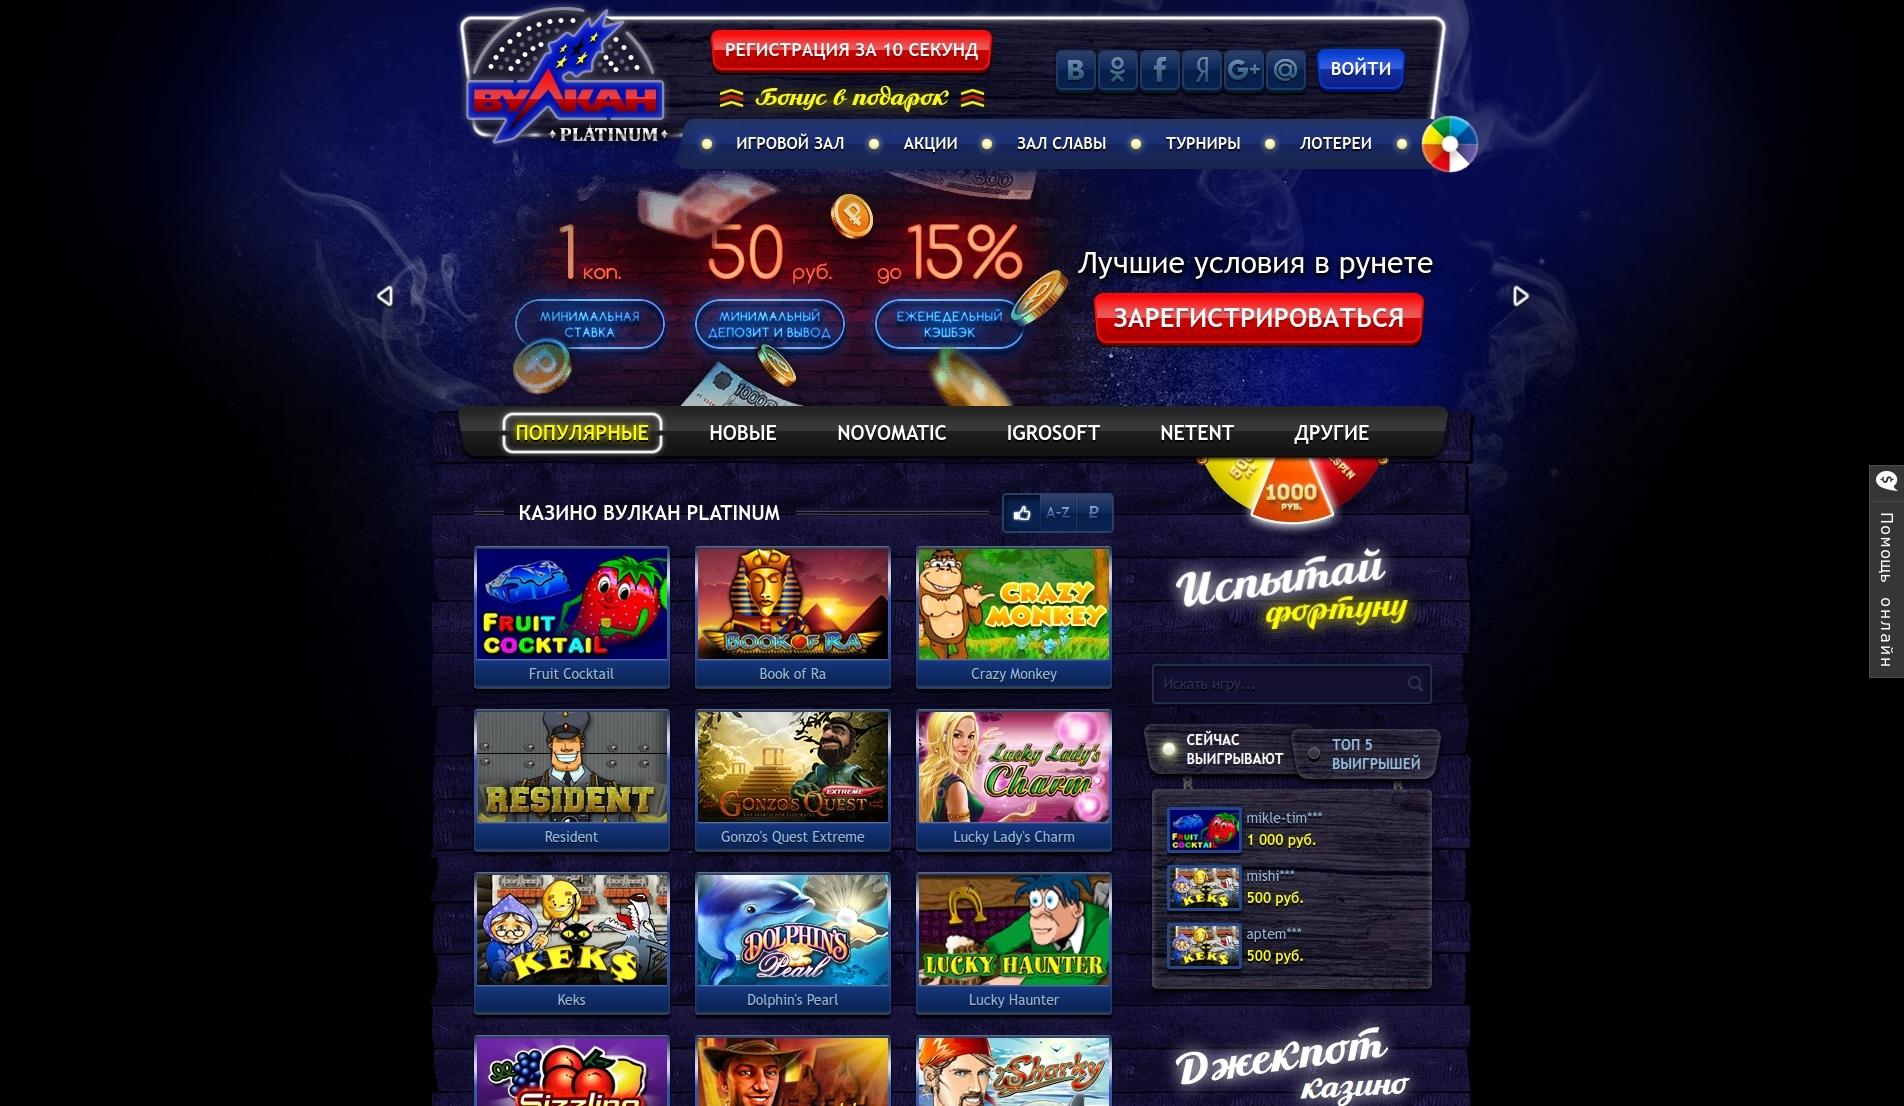 вулкан платинум игровые автоматы официальный сайт играть